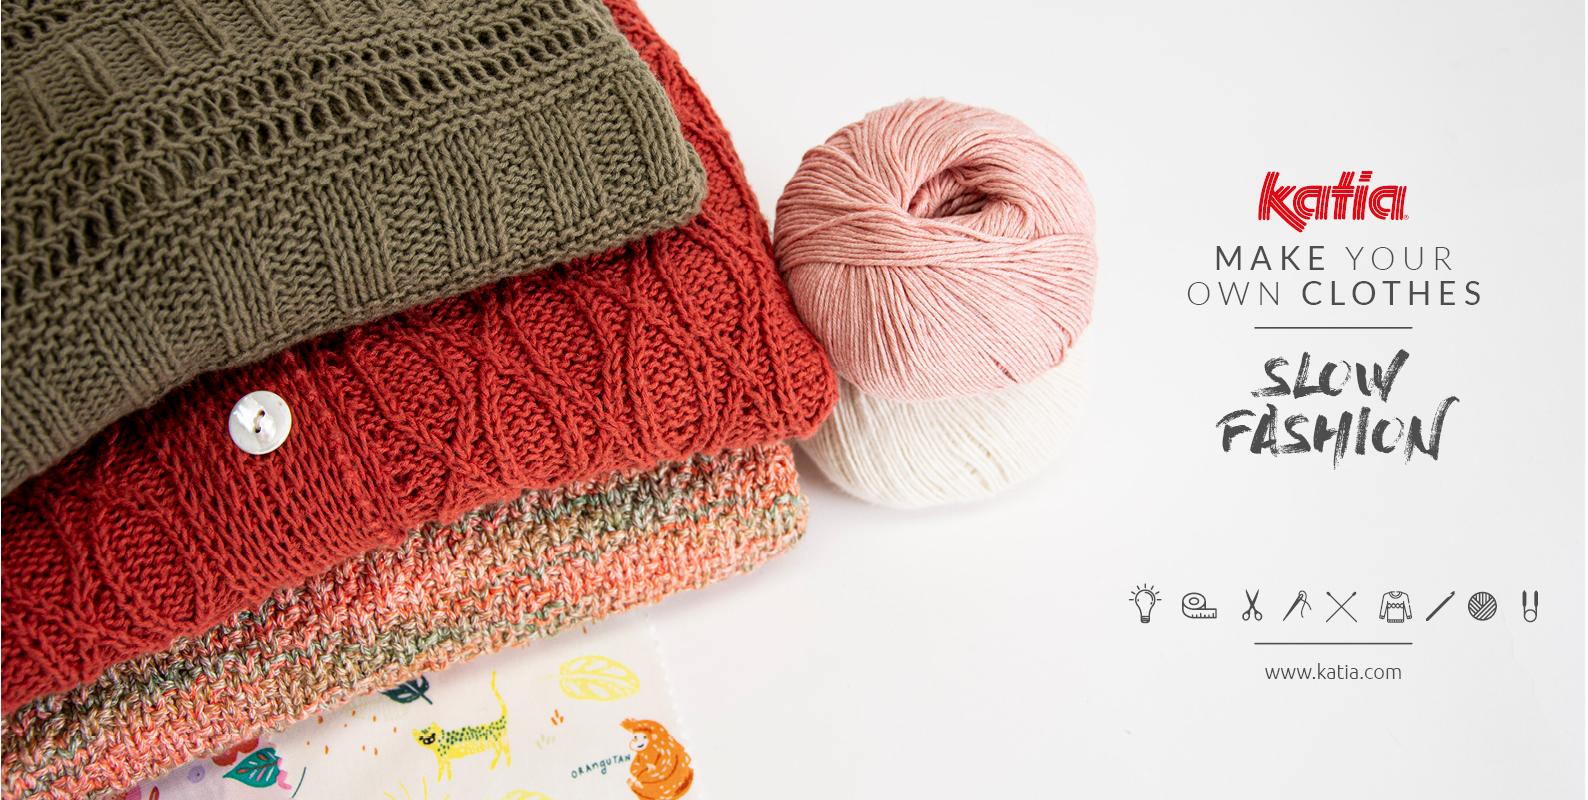 5 redenen om je eigen duurzame kleding te breien, haken of naaien: betere kwaliteit, maatwerk, milieuvriendelijke garens, upcycling...